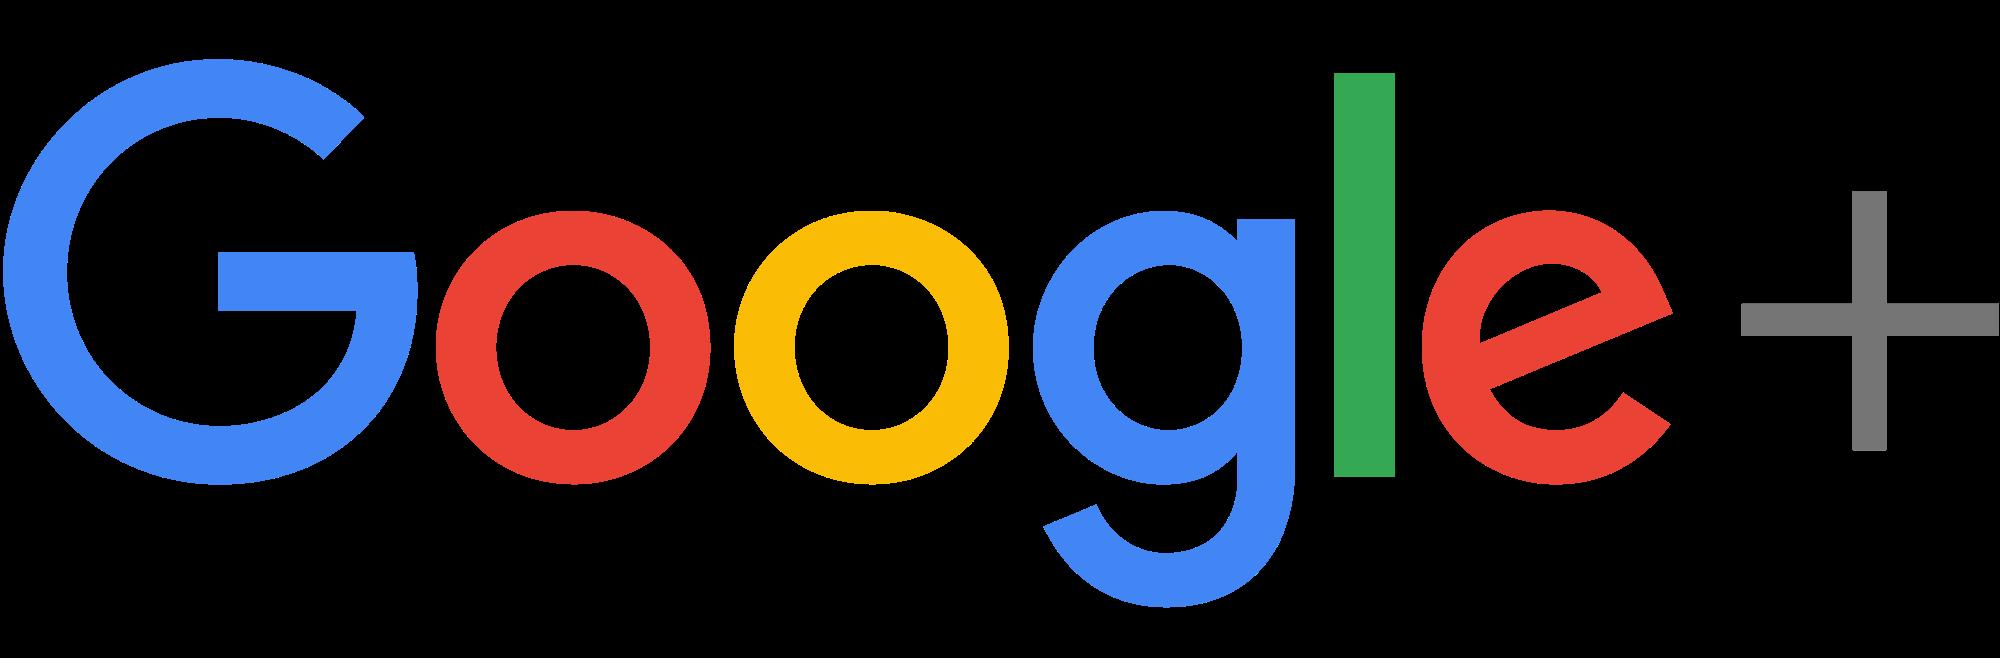 google.com/+Aonepremiumthailand